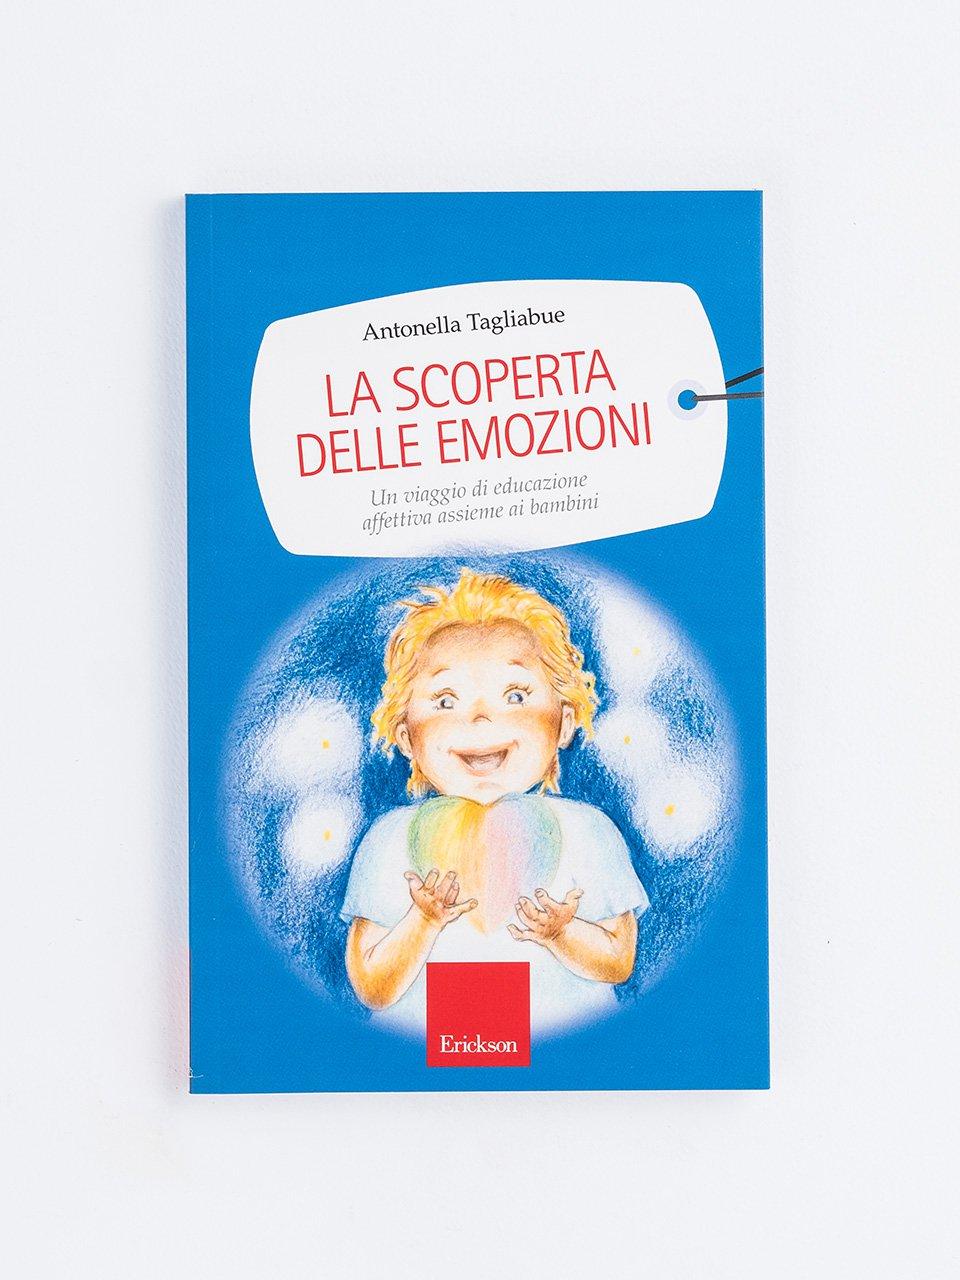 La scoperta delle emozioni - Aiutare i bambini... che temono di non essere amat - Libri - App e software - Erickson